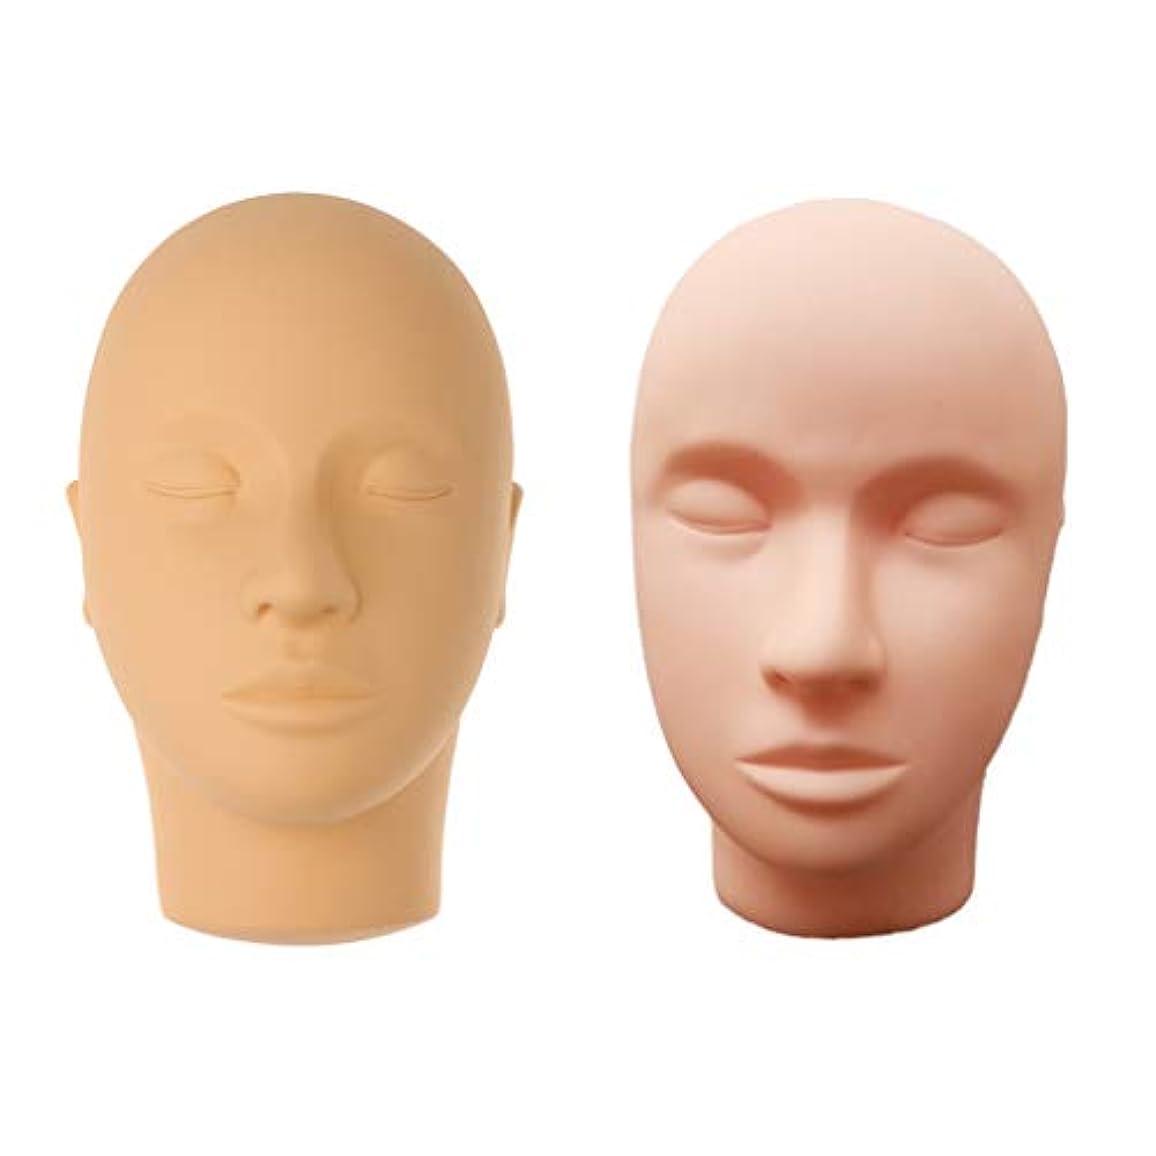 下化石砦T TOOYFUL マネキンヘッド モデル 肌色 メイクアップ まつげエクステ 化粧 メイクアップ トレーニング サロン用